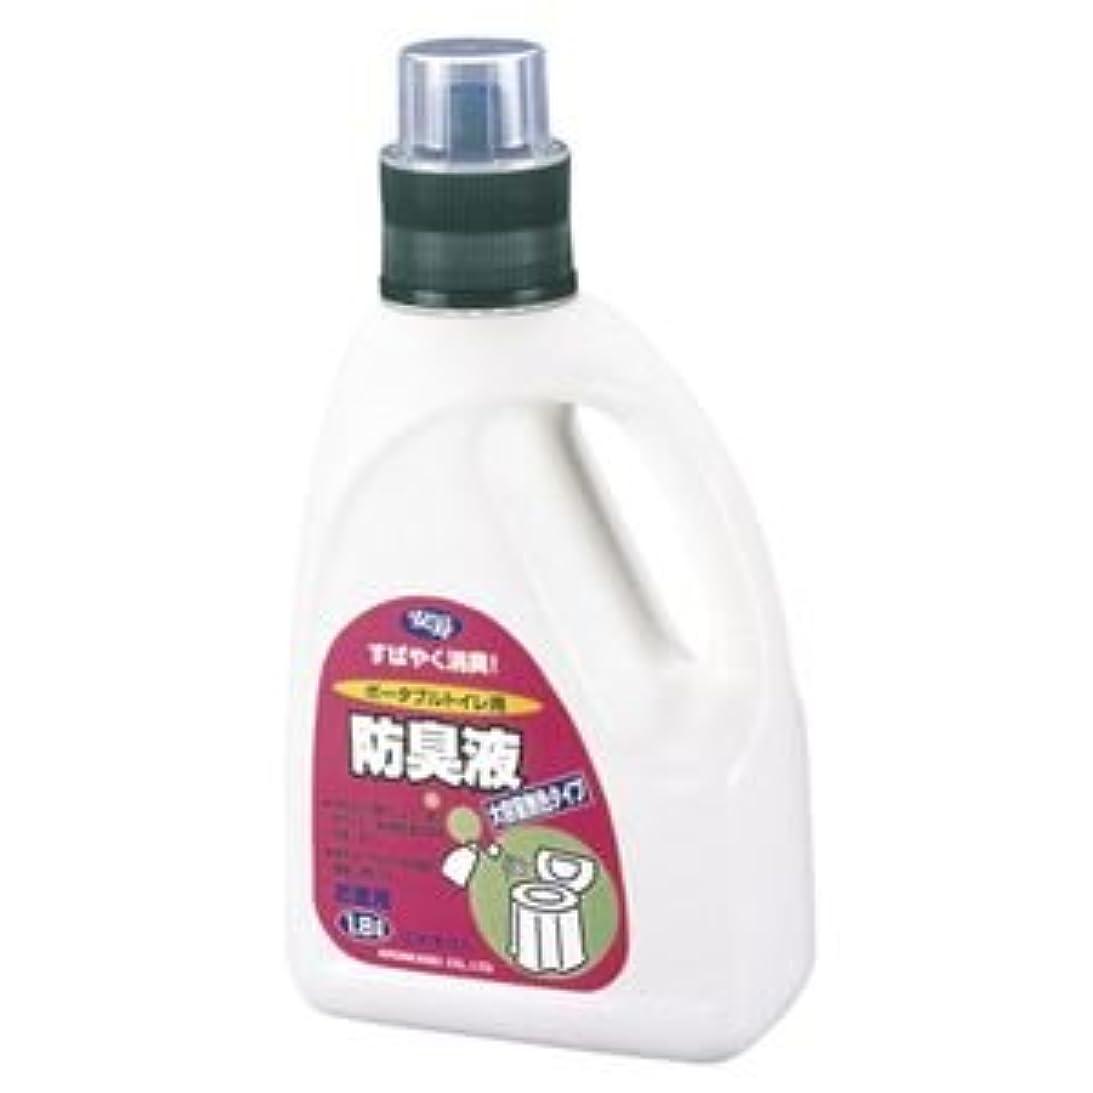 サイレン申し込むイースターアロン化成 ポータブルトイレ用防臭液 大容量無色 ds-1915713